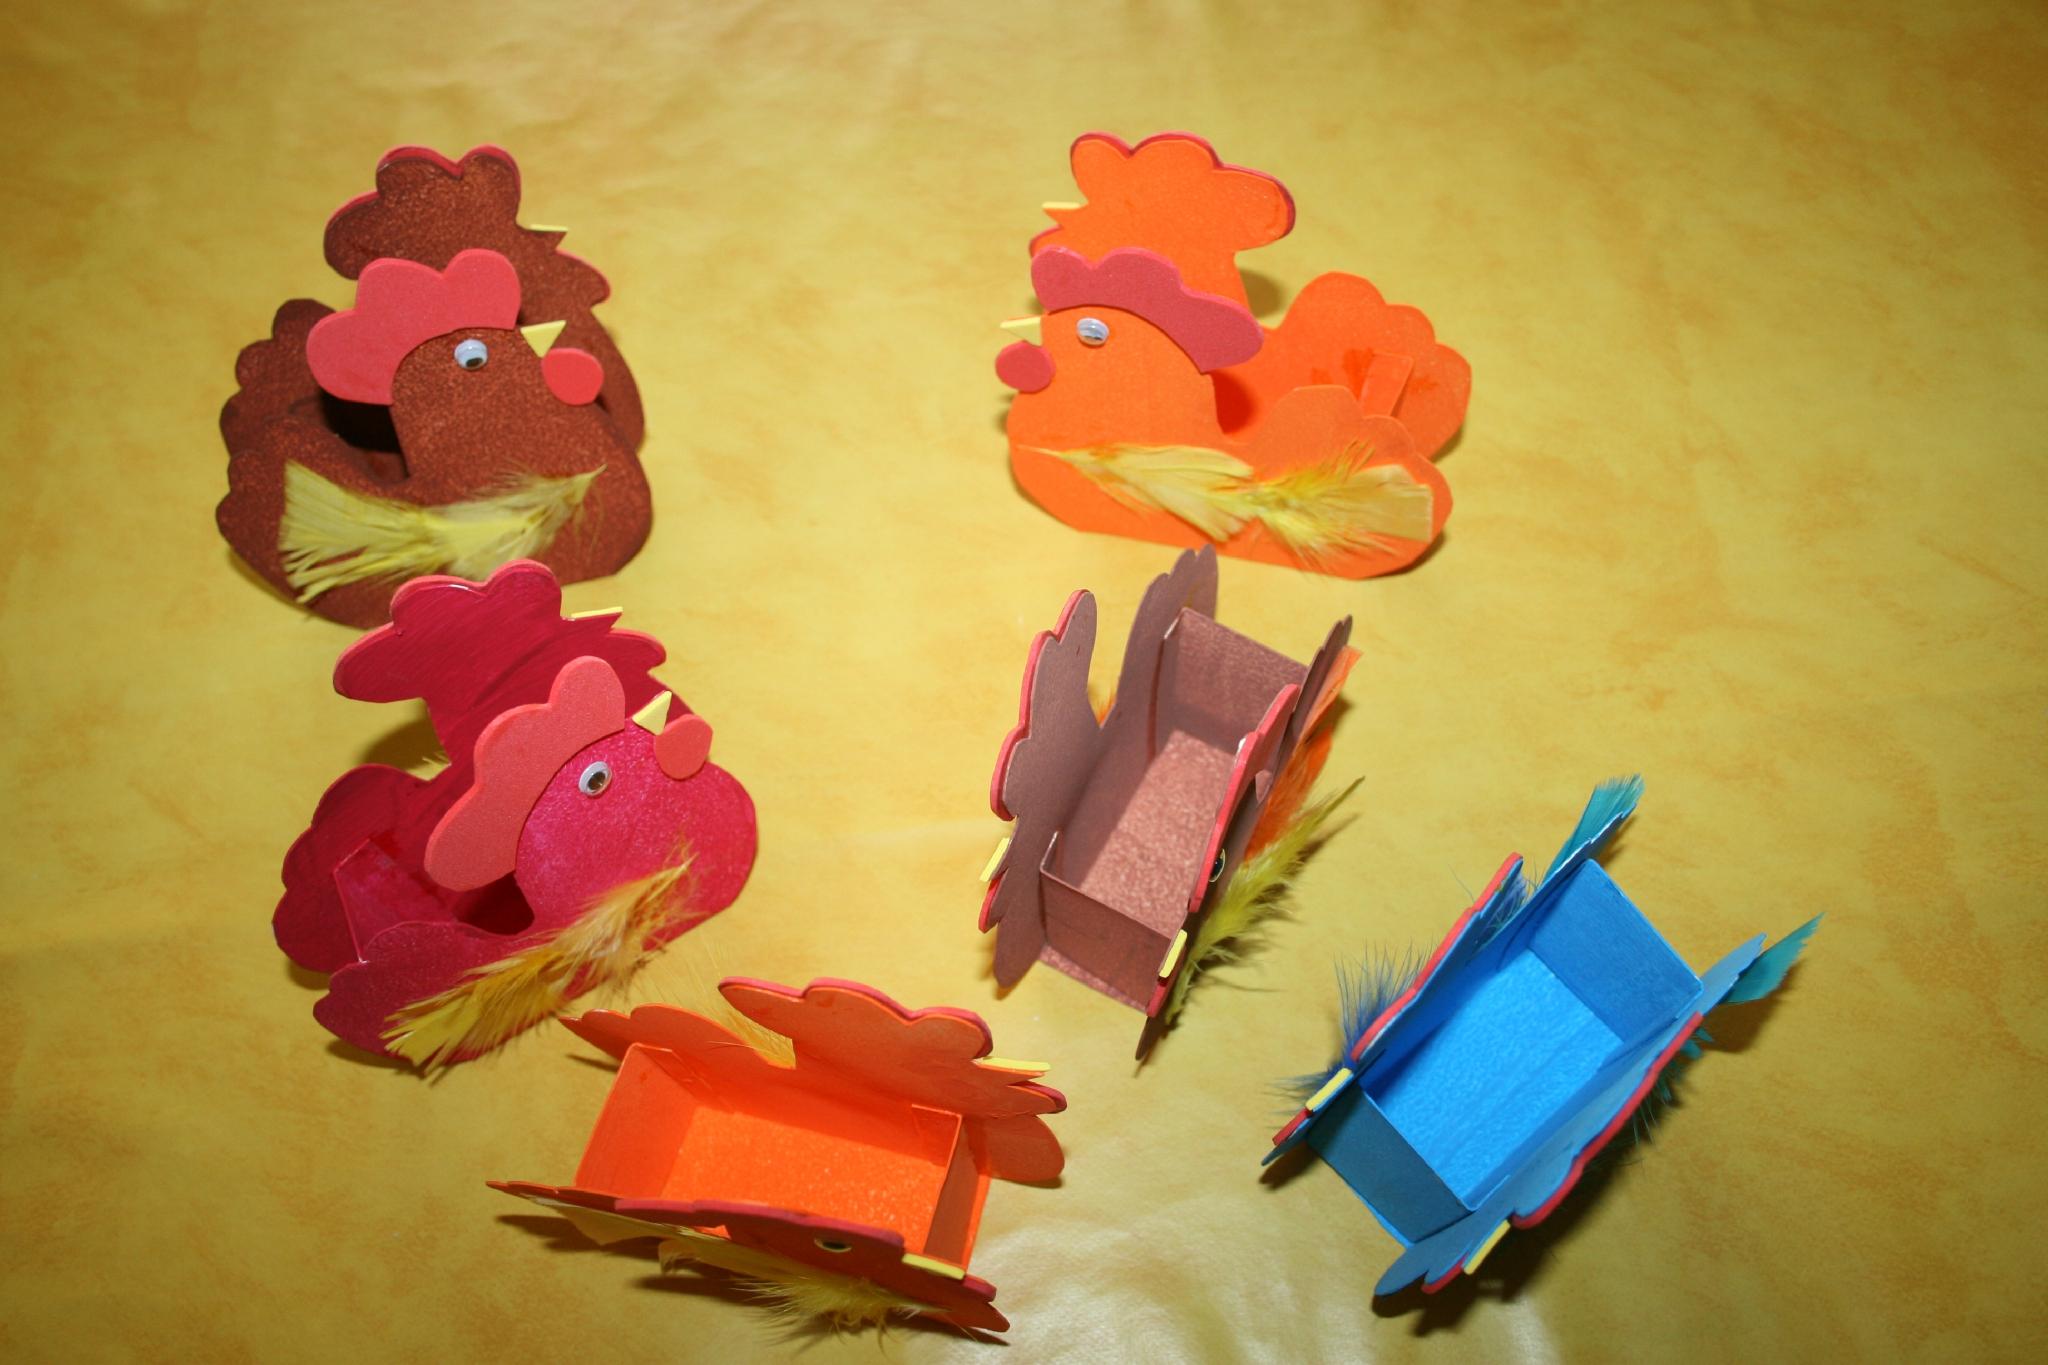 Paniers De Pâques En Forme De Poule - Les Lutins Créatifs tout Bricolage Pour Paques Maternelle